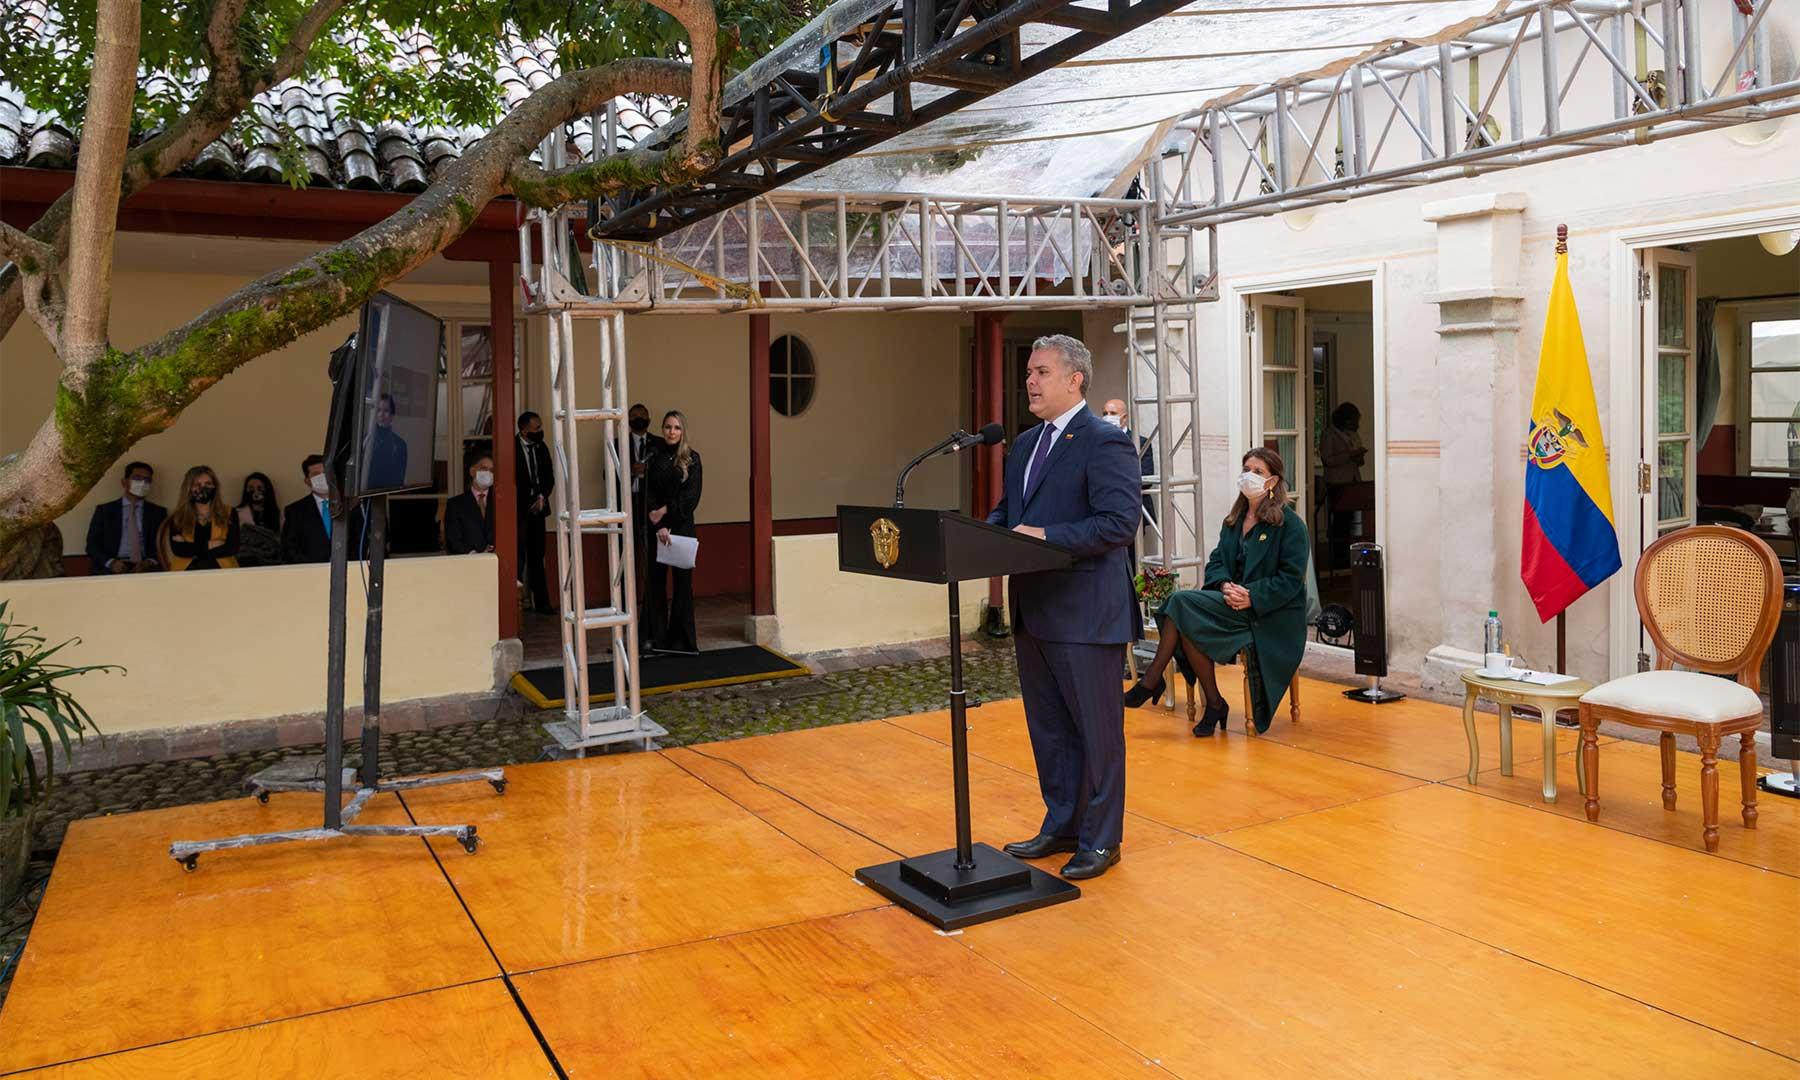 cumplir, departamentos, Ruta Libertadora, Presidente Iván Duque, reafirmación, Pacto Bicentenario, Quinta de Bolívar, festividad